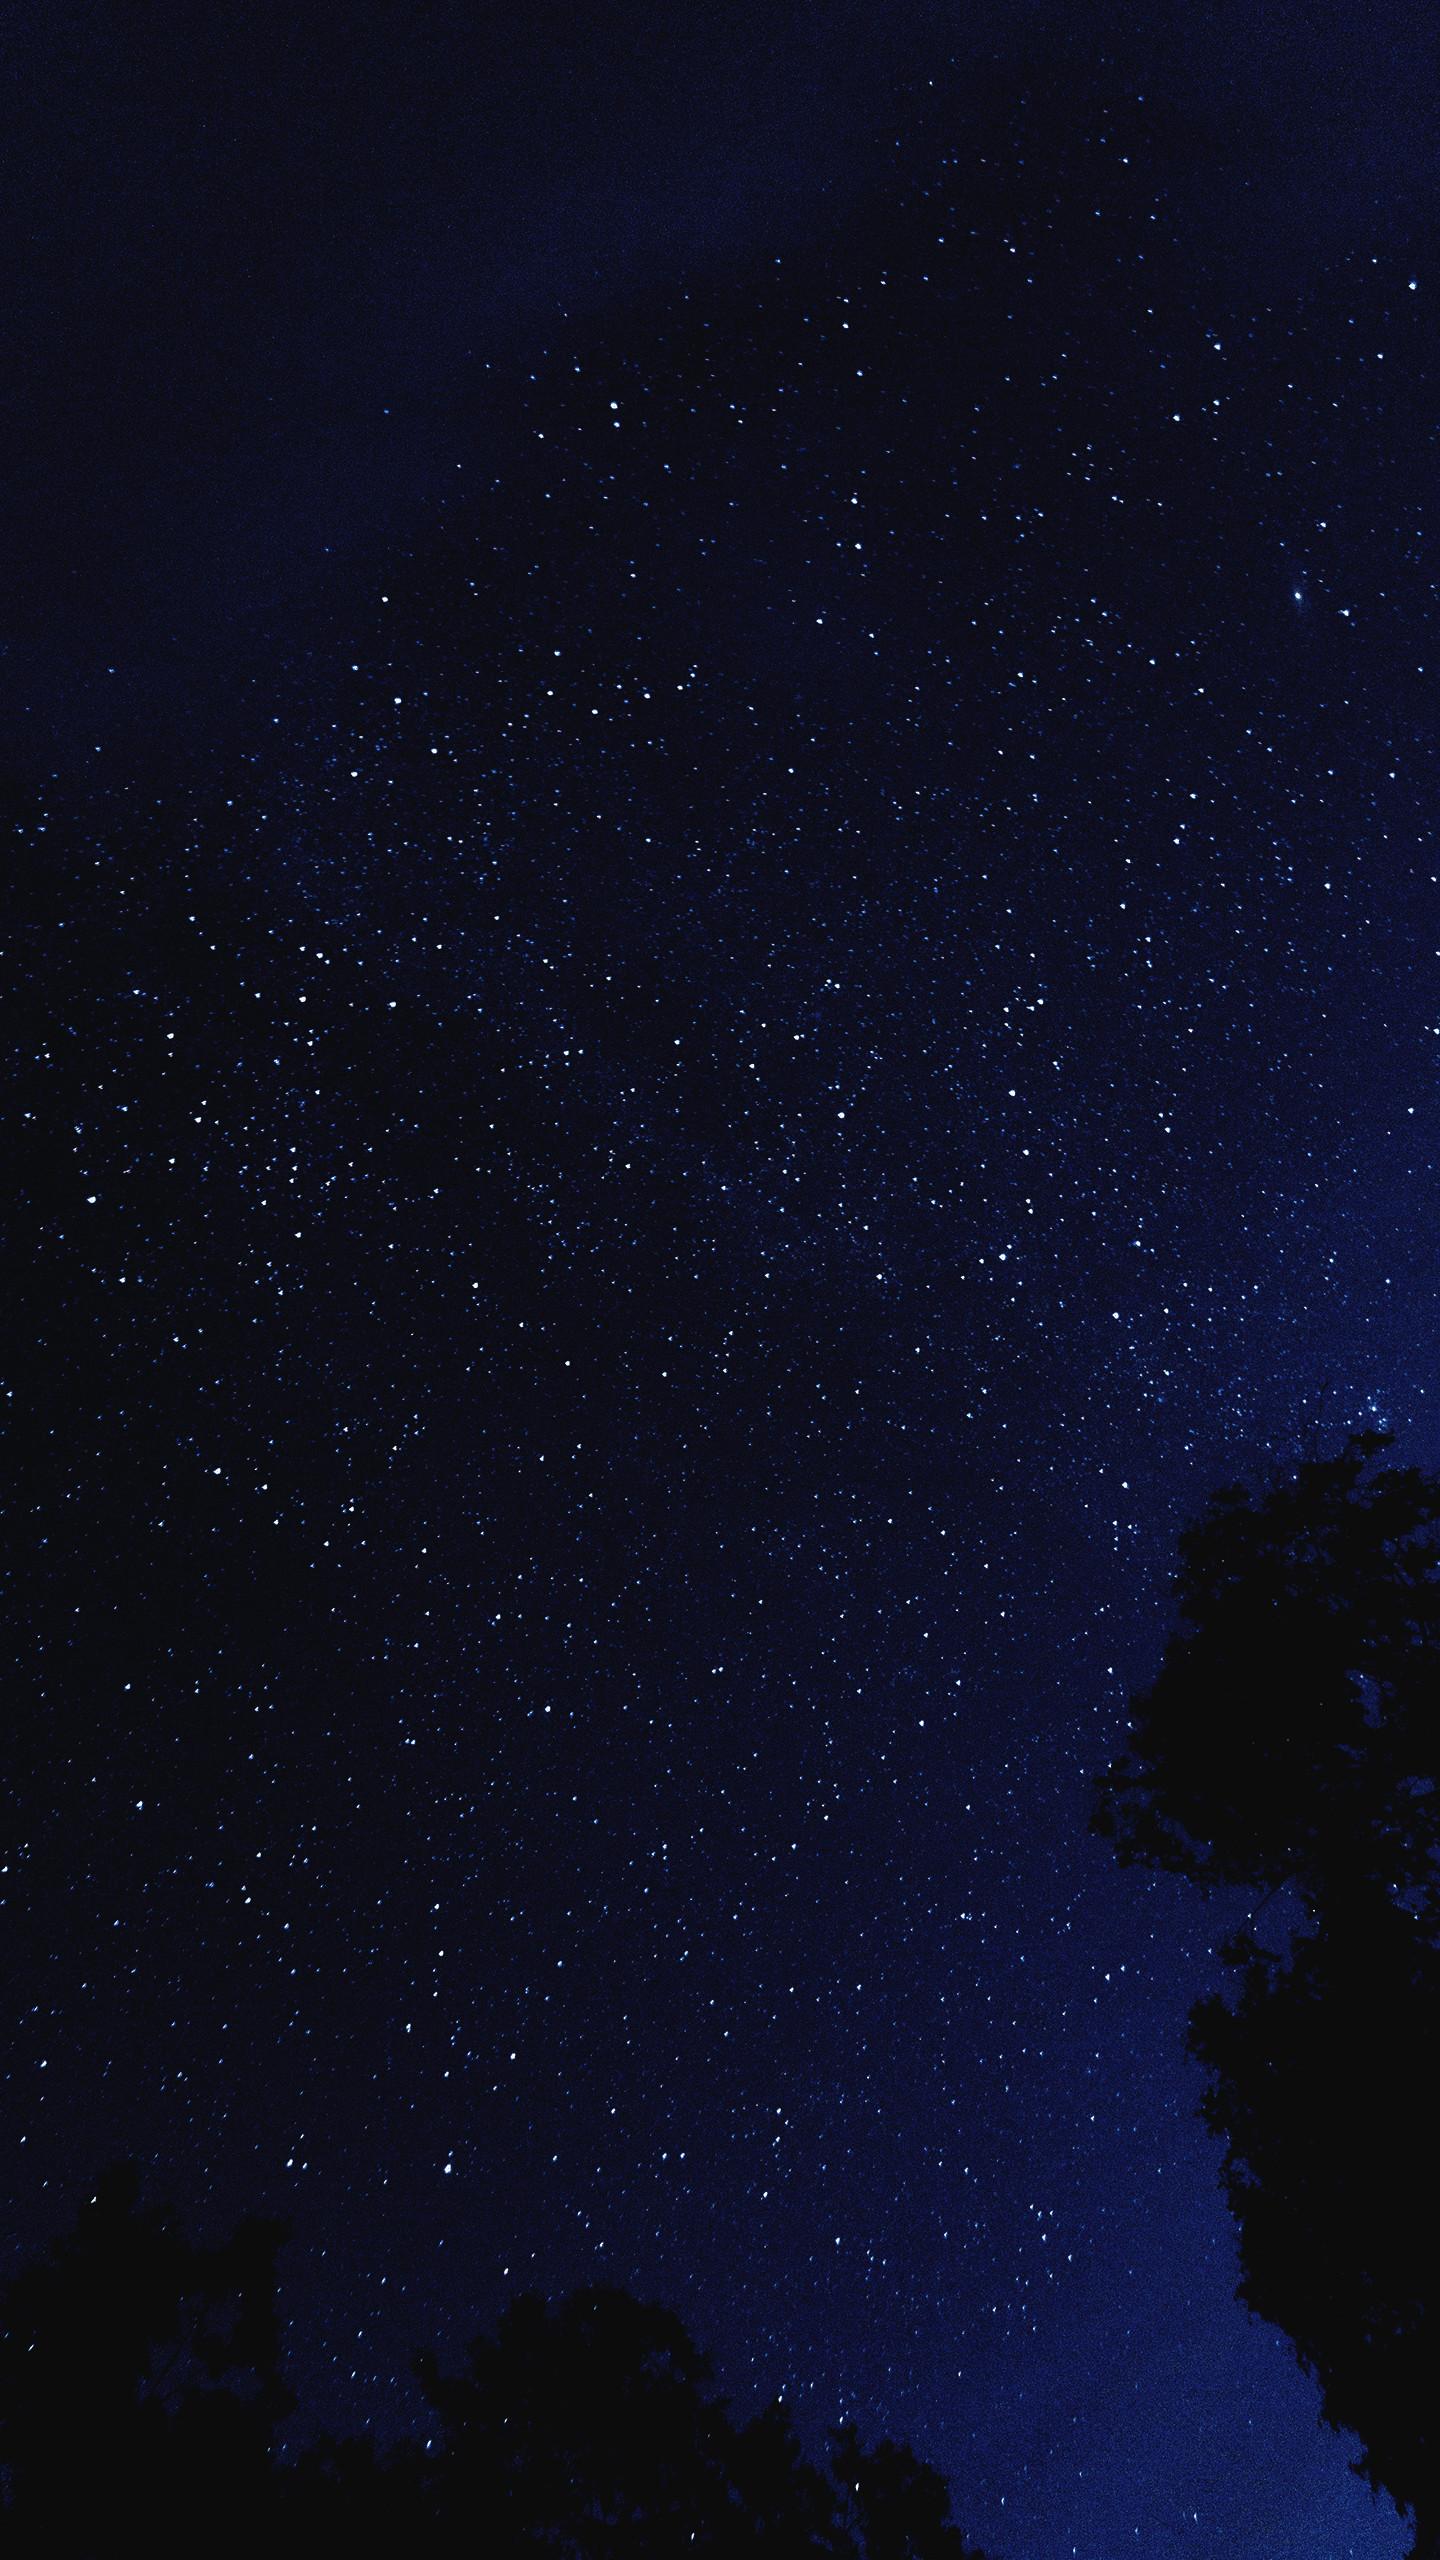 Sfondi notte 54 immagini for Sfondi desktop aurora boreale